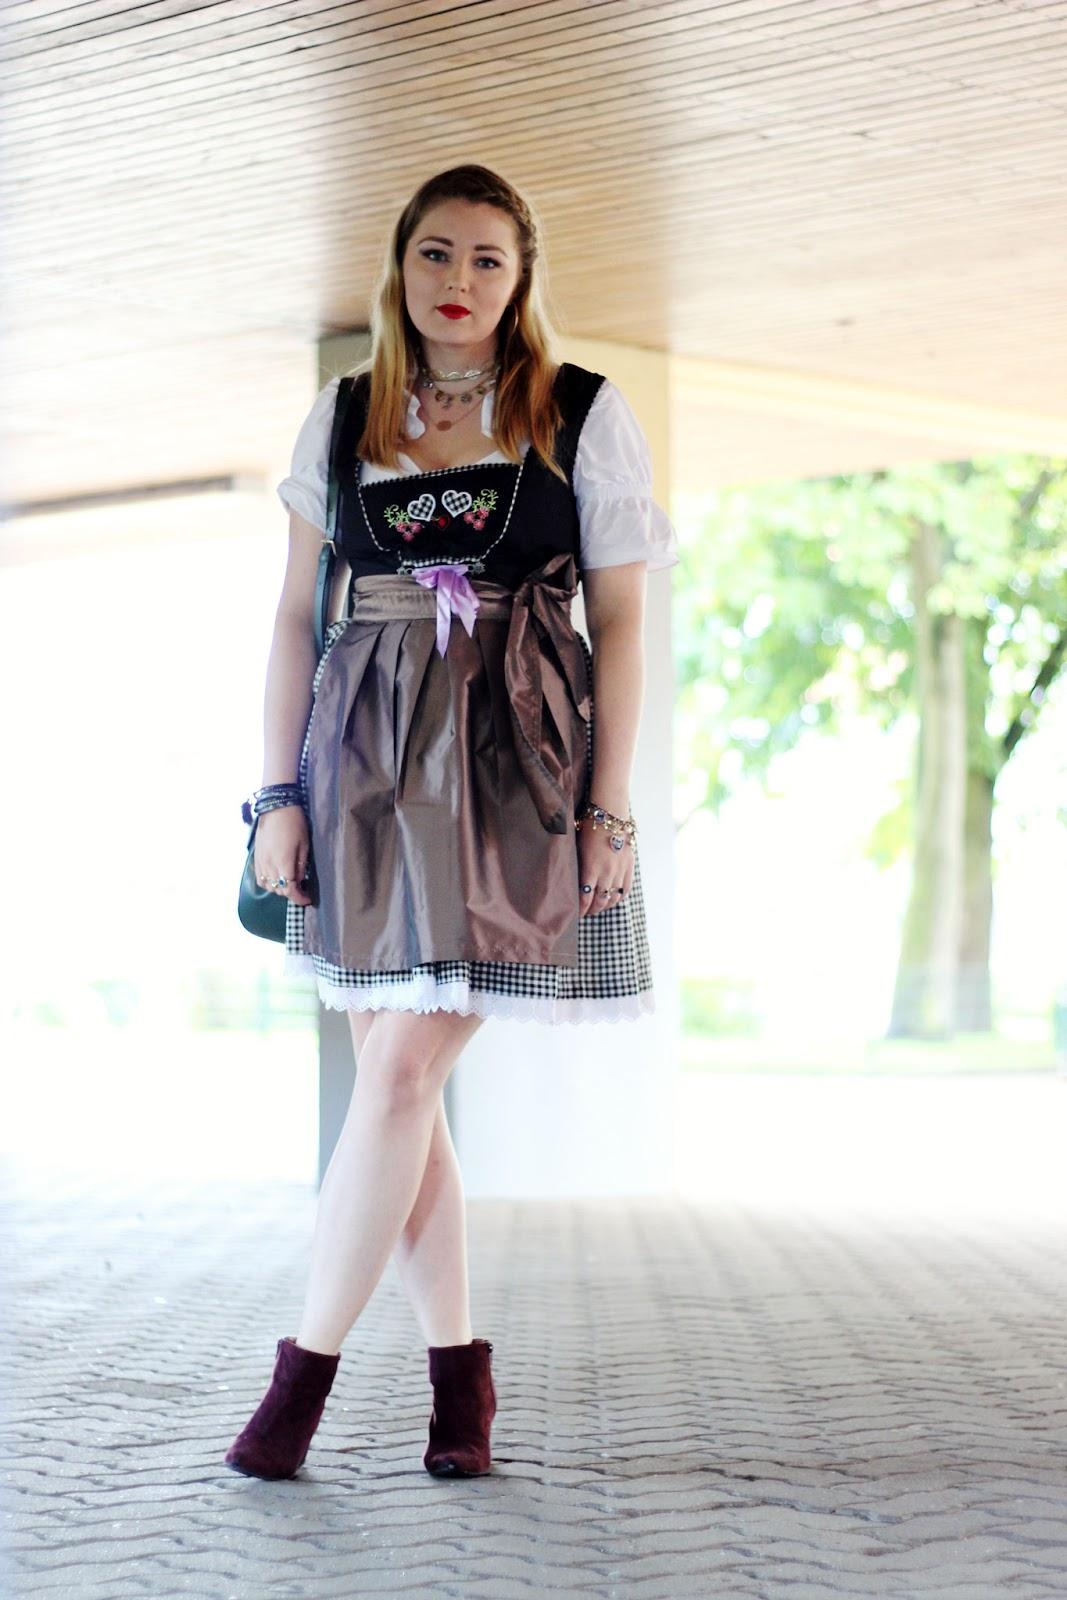 Drindl, Modeblogger, München, Hamburg, Oktoberfest, tracht, traditionell, modern, Stickerei, fake fur Puschel, Anhänger